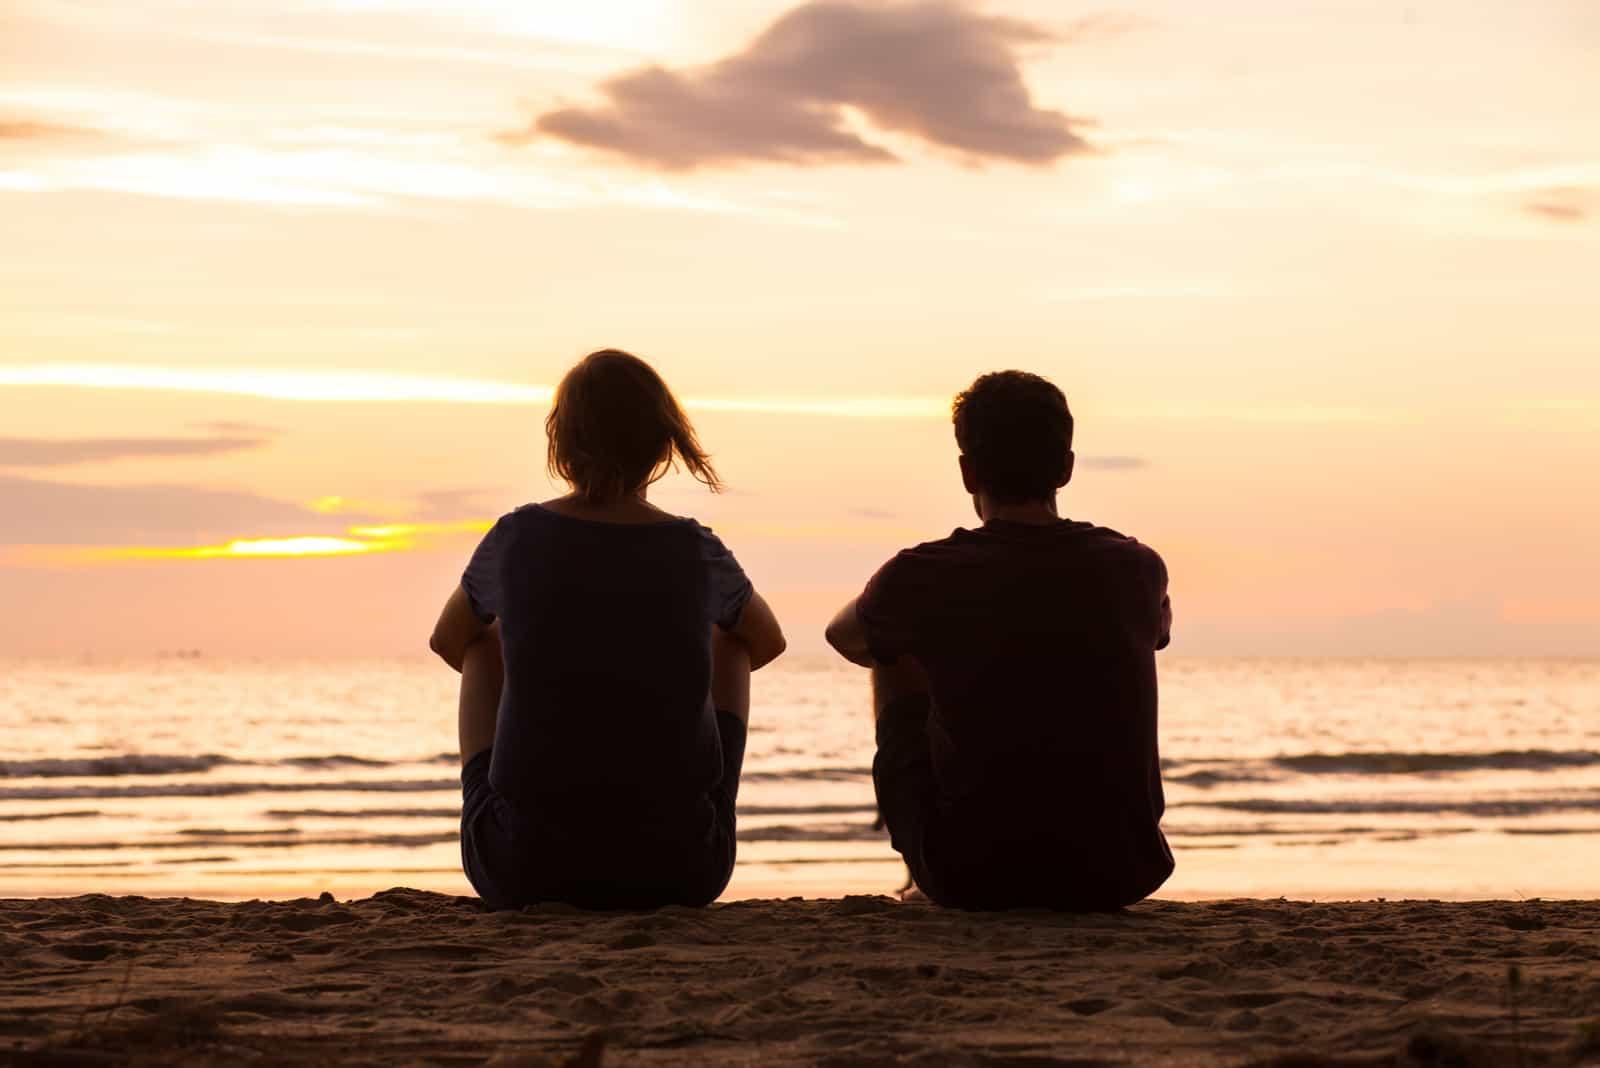 un homme et une femme s'assoient sur la plage et parlent